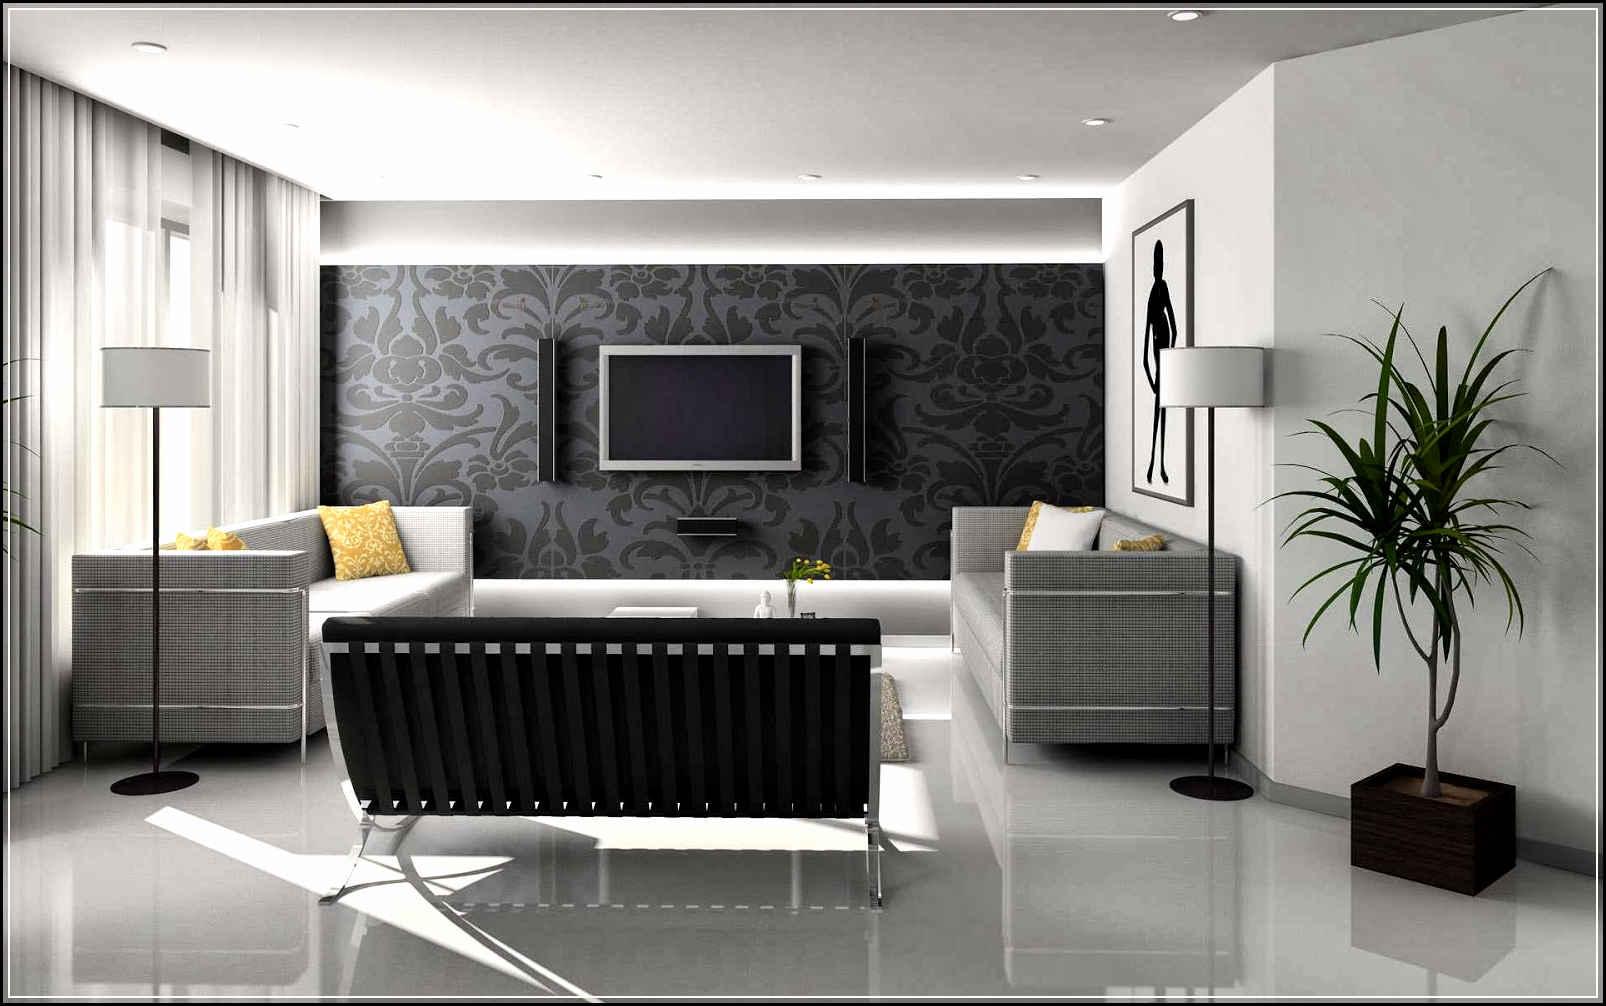 desain interior rumah-12